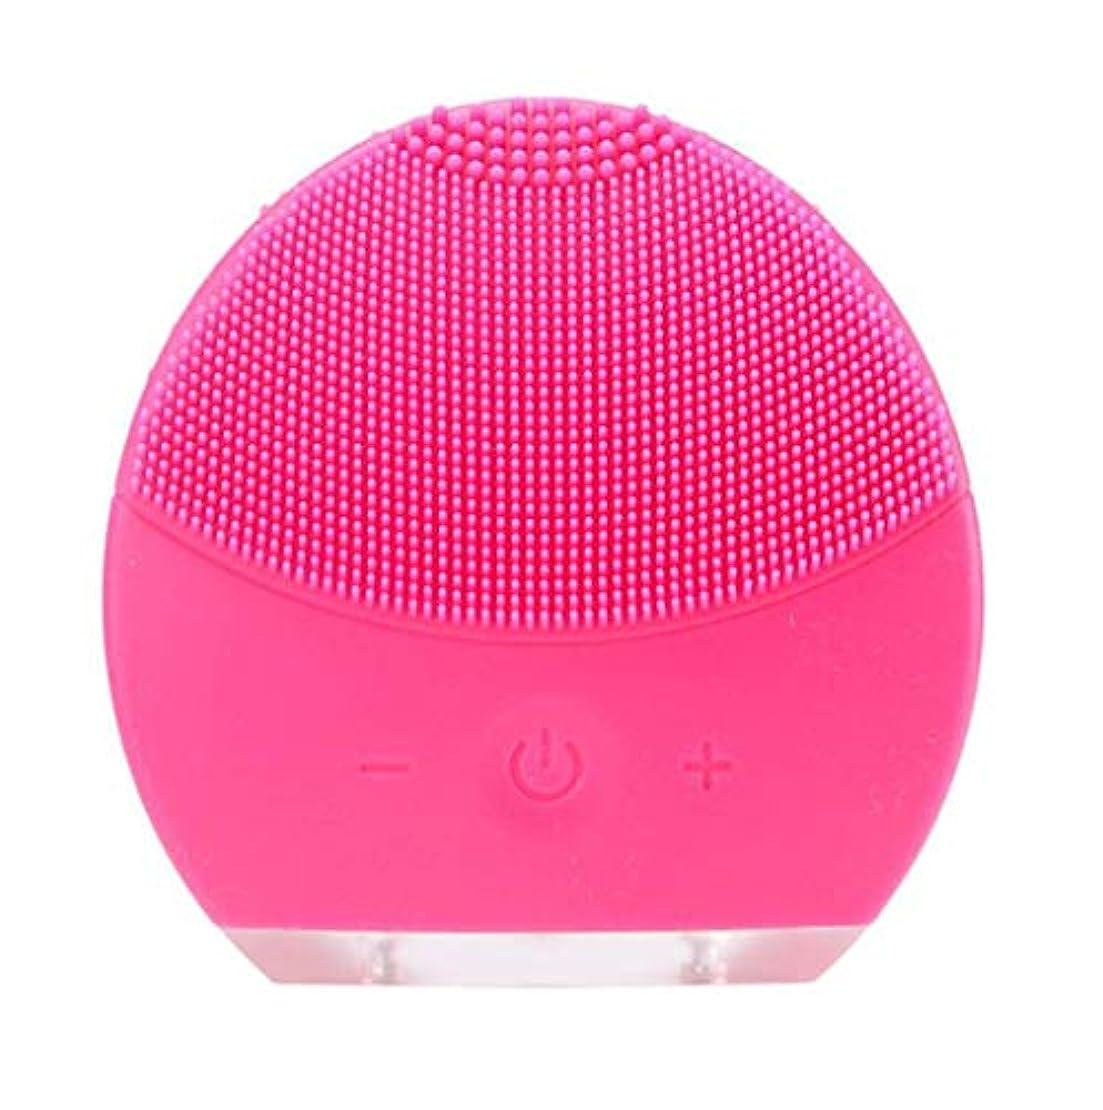 超音波振動美容機器洗浄器、皮膚の毛穴を最小限に抑えるマイクロダーマブレーション毛穴、USB 充電と防水,Rosered